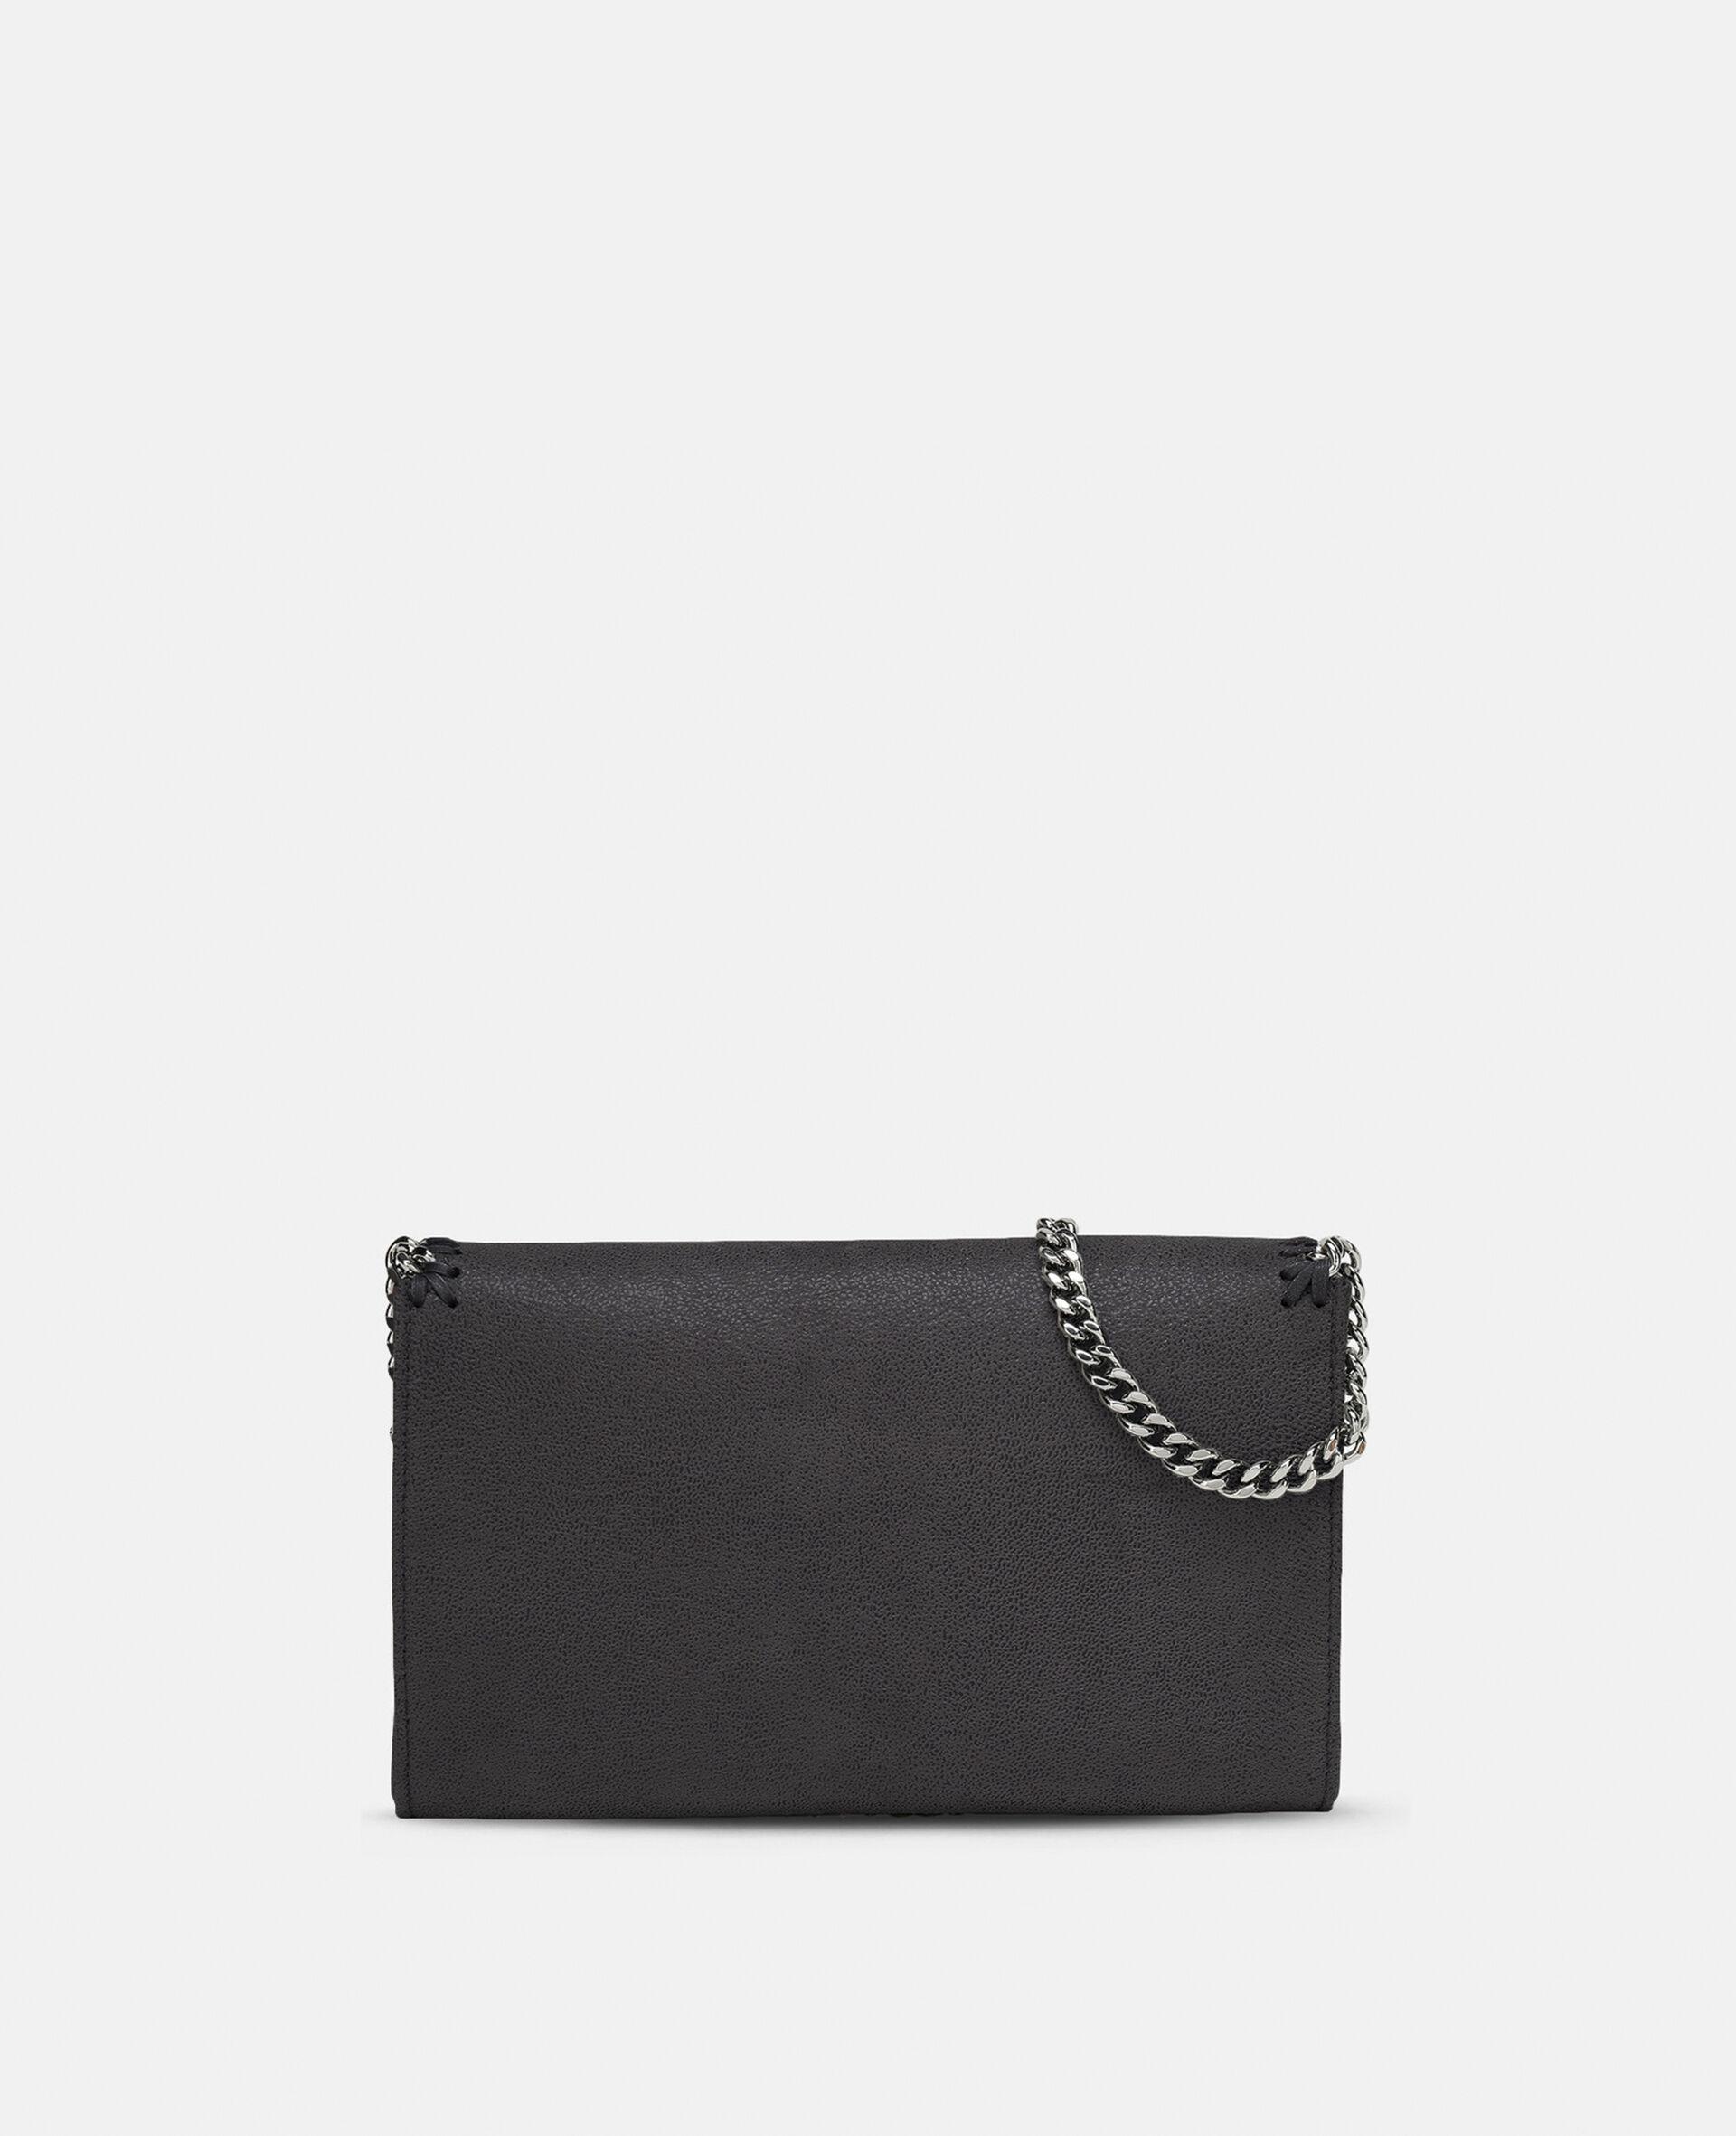 Mini sac porté épaule Falabella-Gris-large image number 2